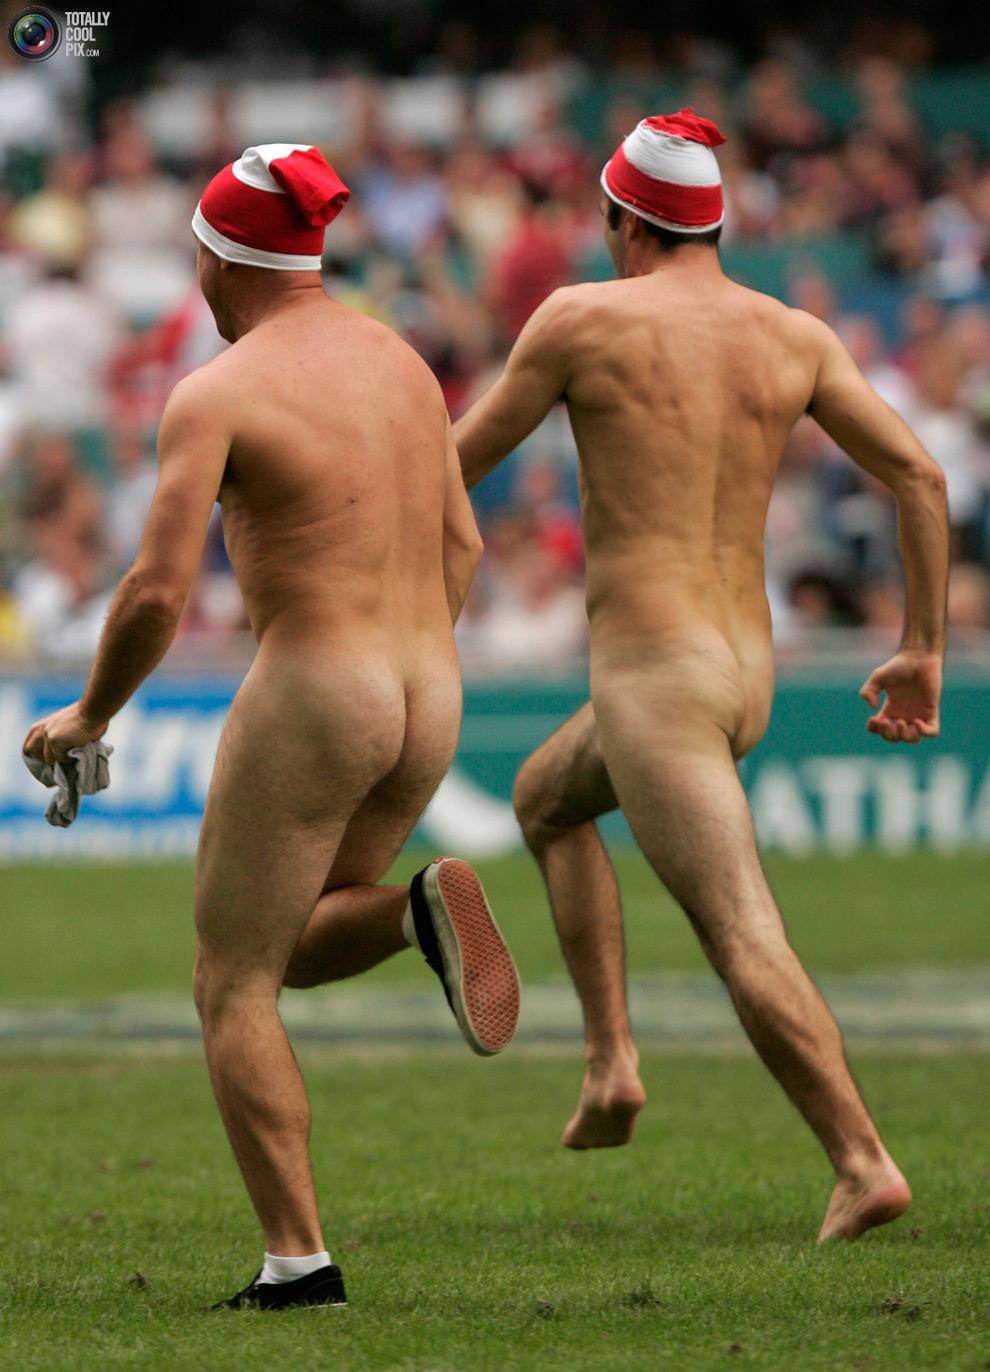 Сексуальная жизнь футболистов на футбольном поле самые прикольные фото 25 фотография